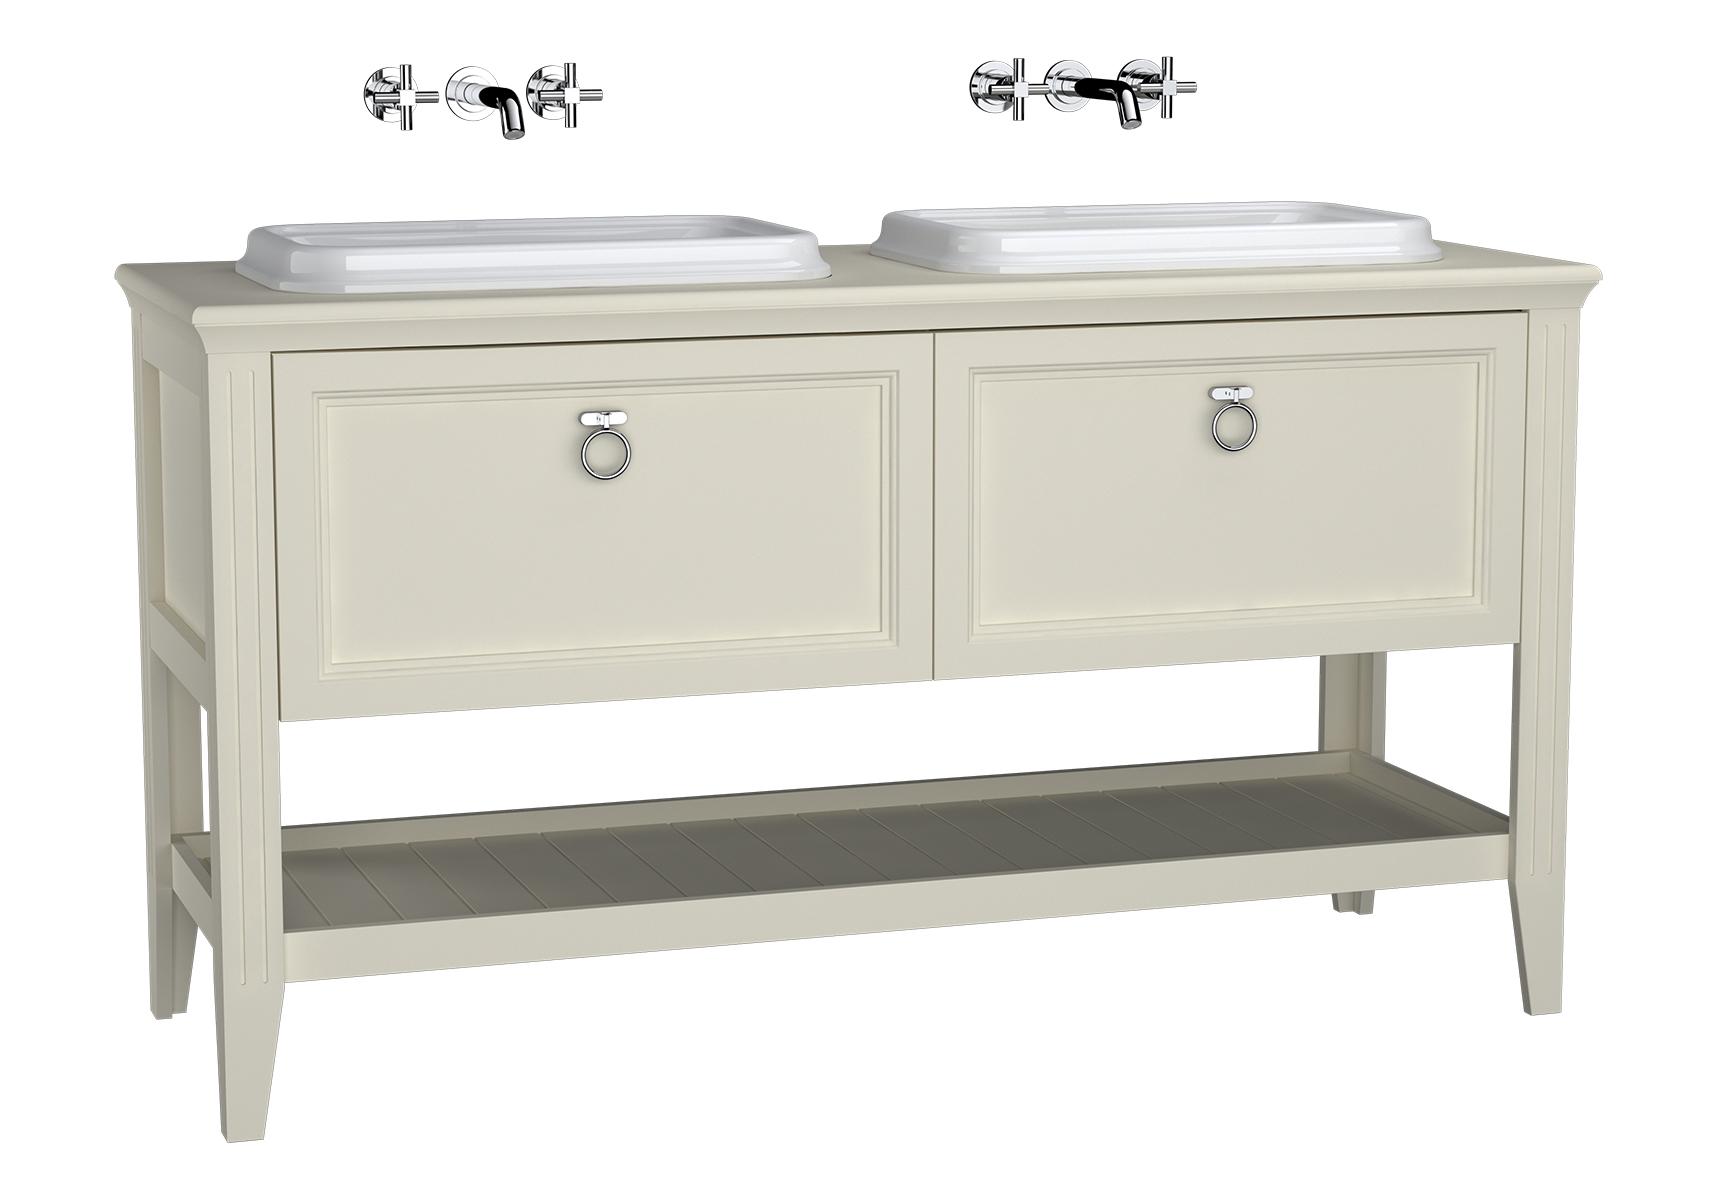 Valarte meuble sous vasque encastrée, 2 vasques, 150 cm, tiroir, ivoire mat